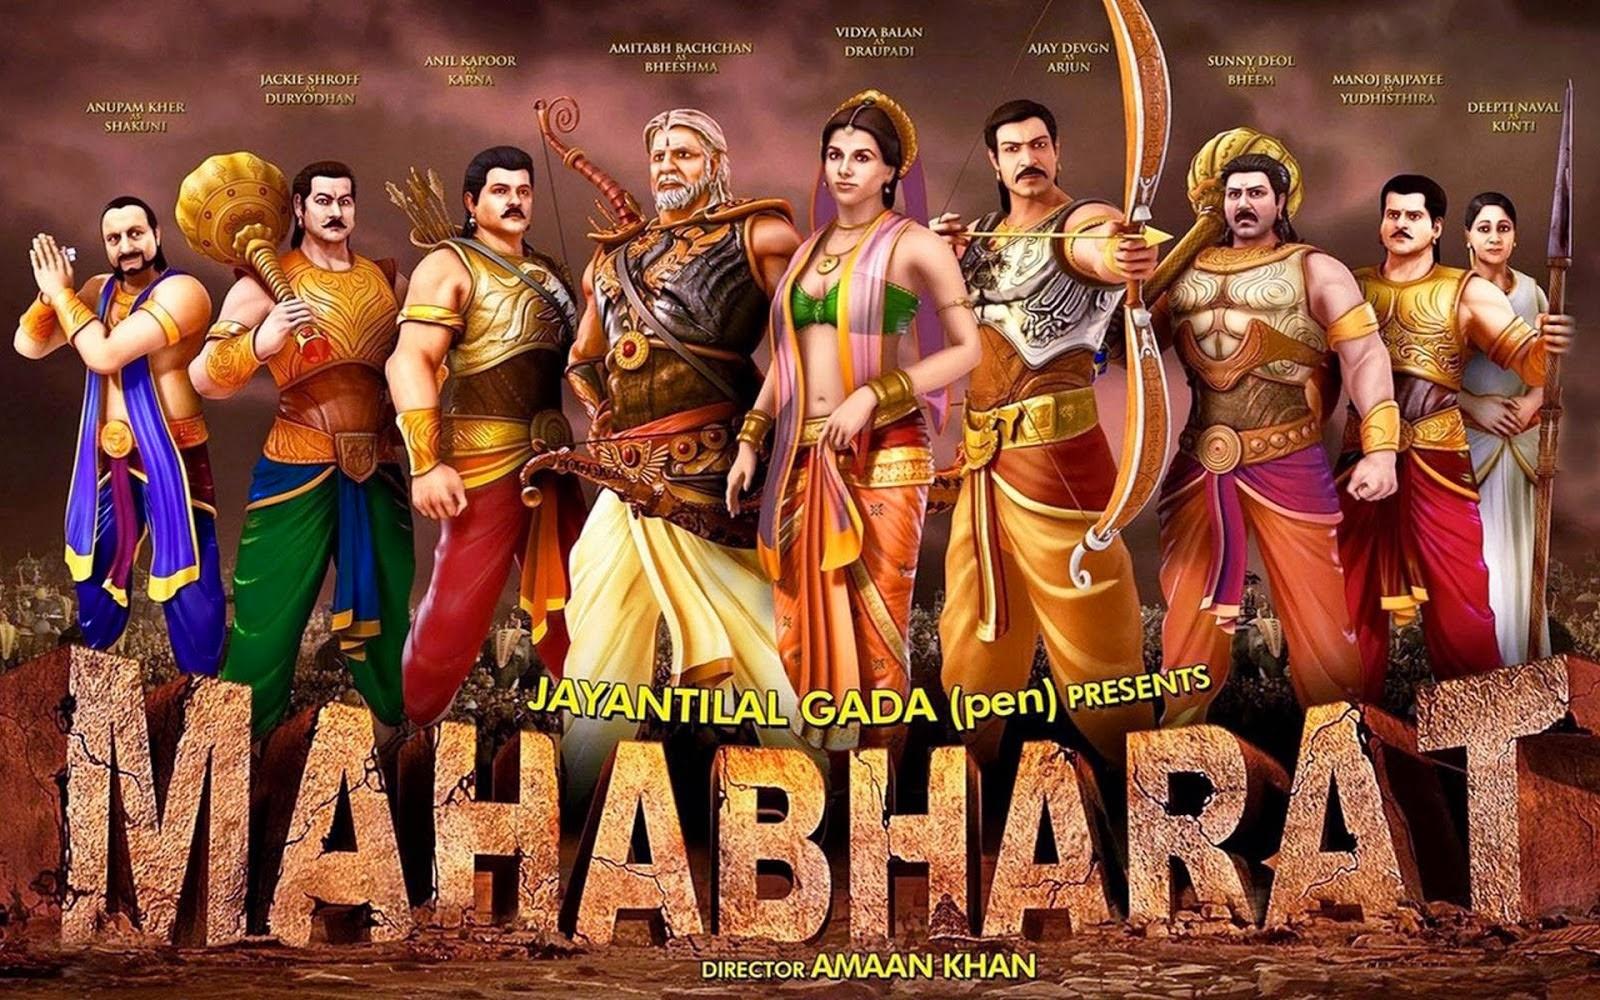 Power New Hindi Movie